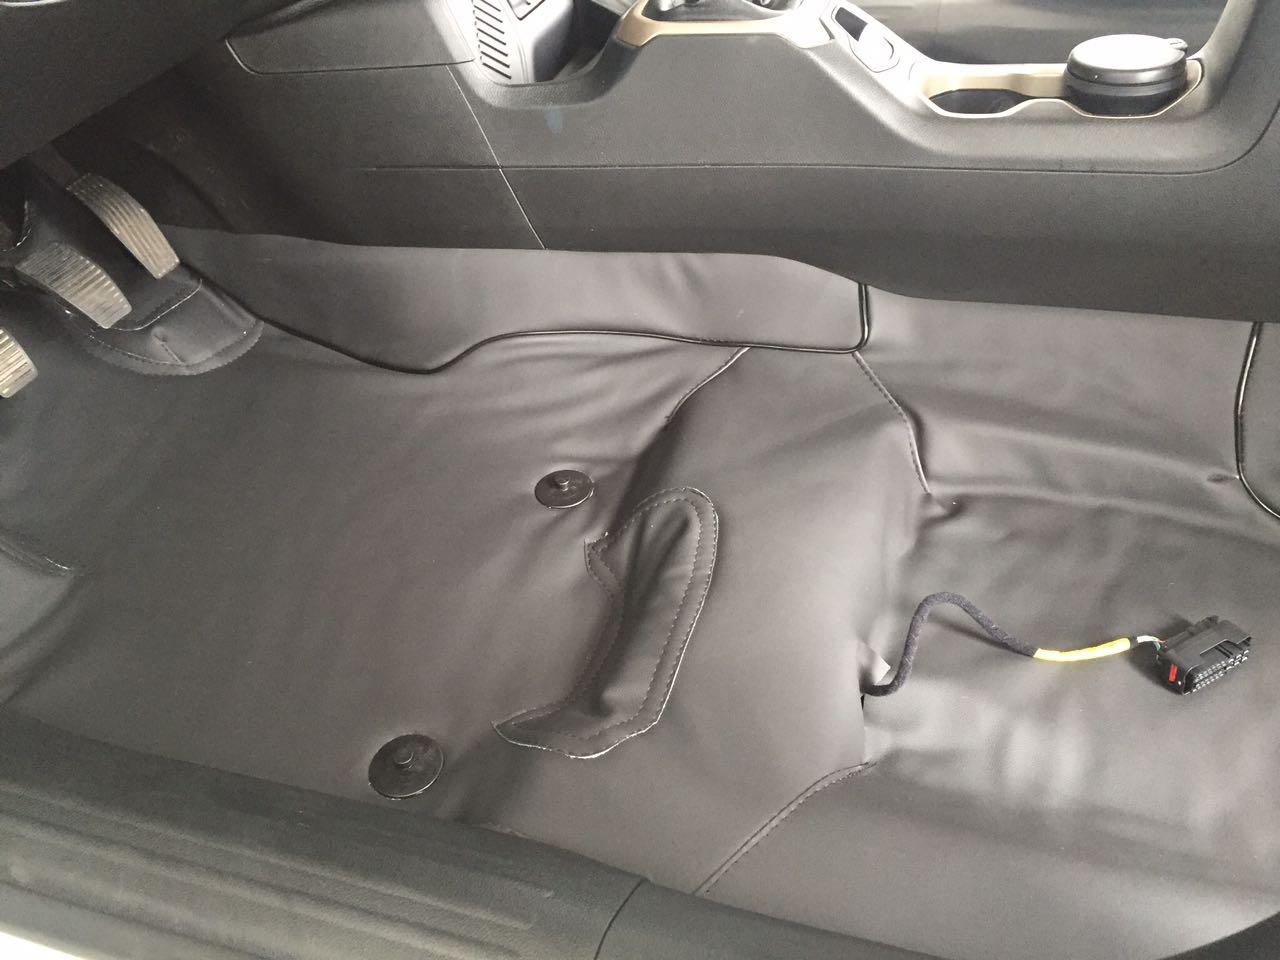 Forro Super Luxo Automotivo Assoalho Para Ix35 2011 a 2018